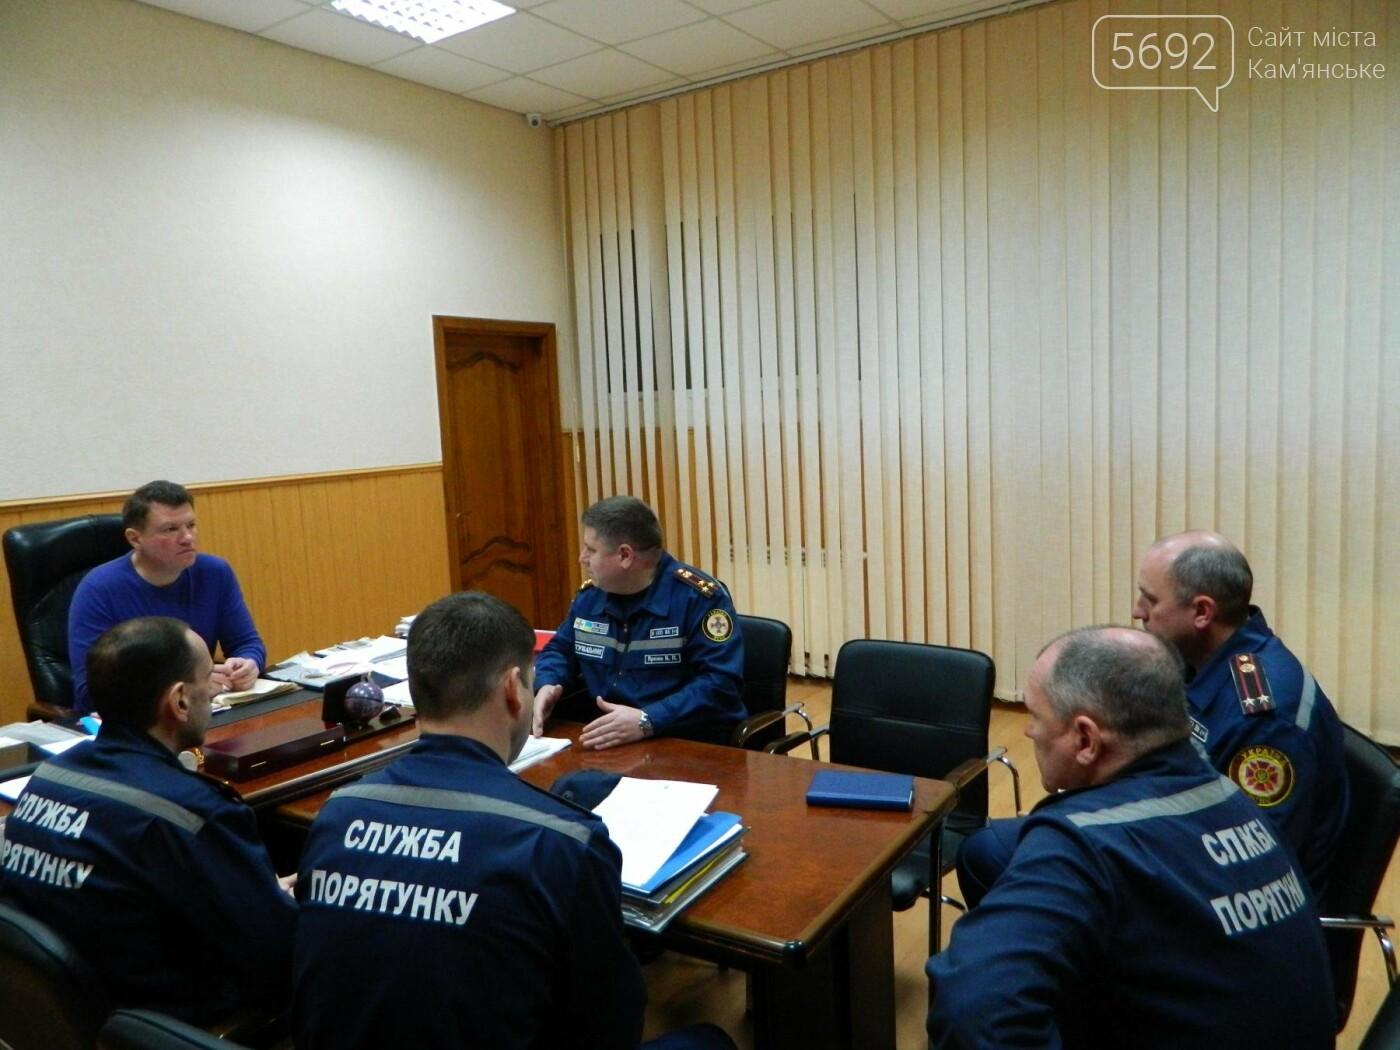 Спасатели Каменского внепланово проверили ТРК «ЦУМ», фото-2